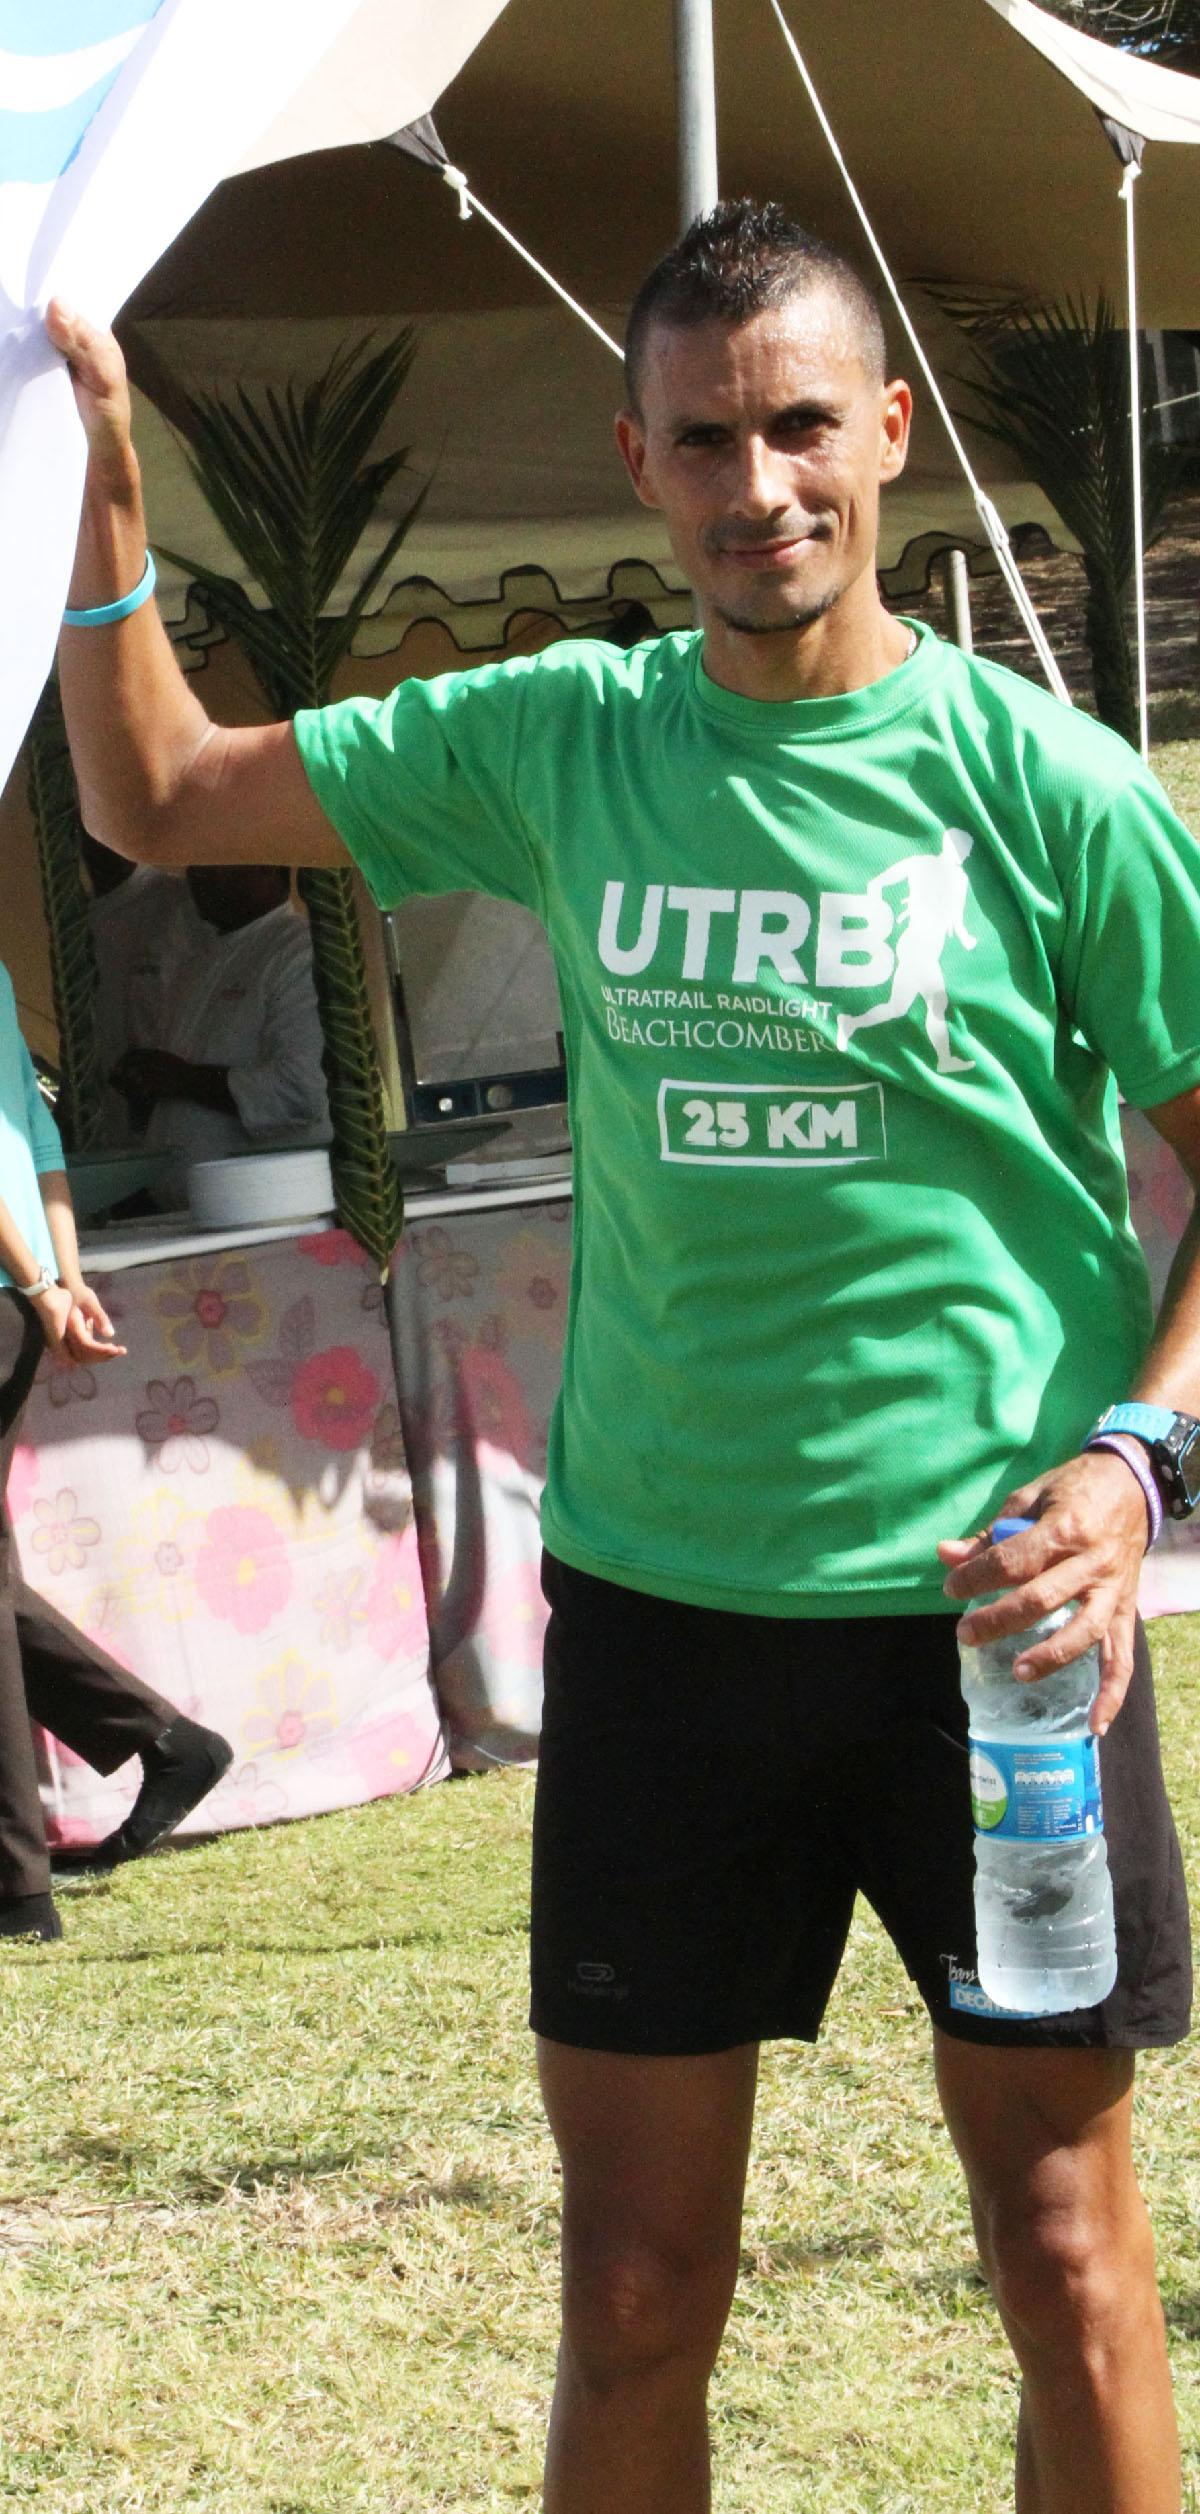 Frédéric Duchemannsur les 25km Entraîné par Nicolas Charretier, Frédéric Duchemann (39 ans) est trois fois champion de la Réunion course de montagne, Champion de la Réunion de cross en 2014, Champion de la Réunion du 5 000 m.